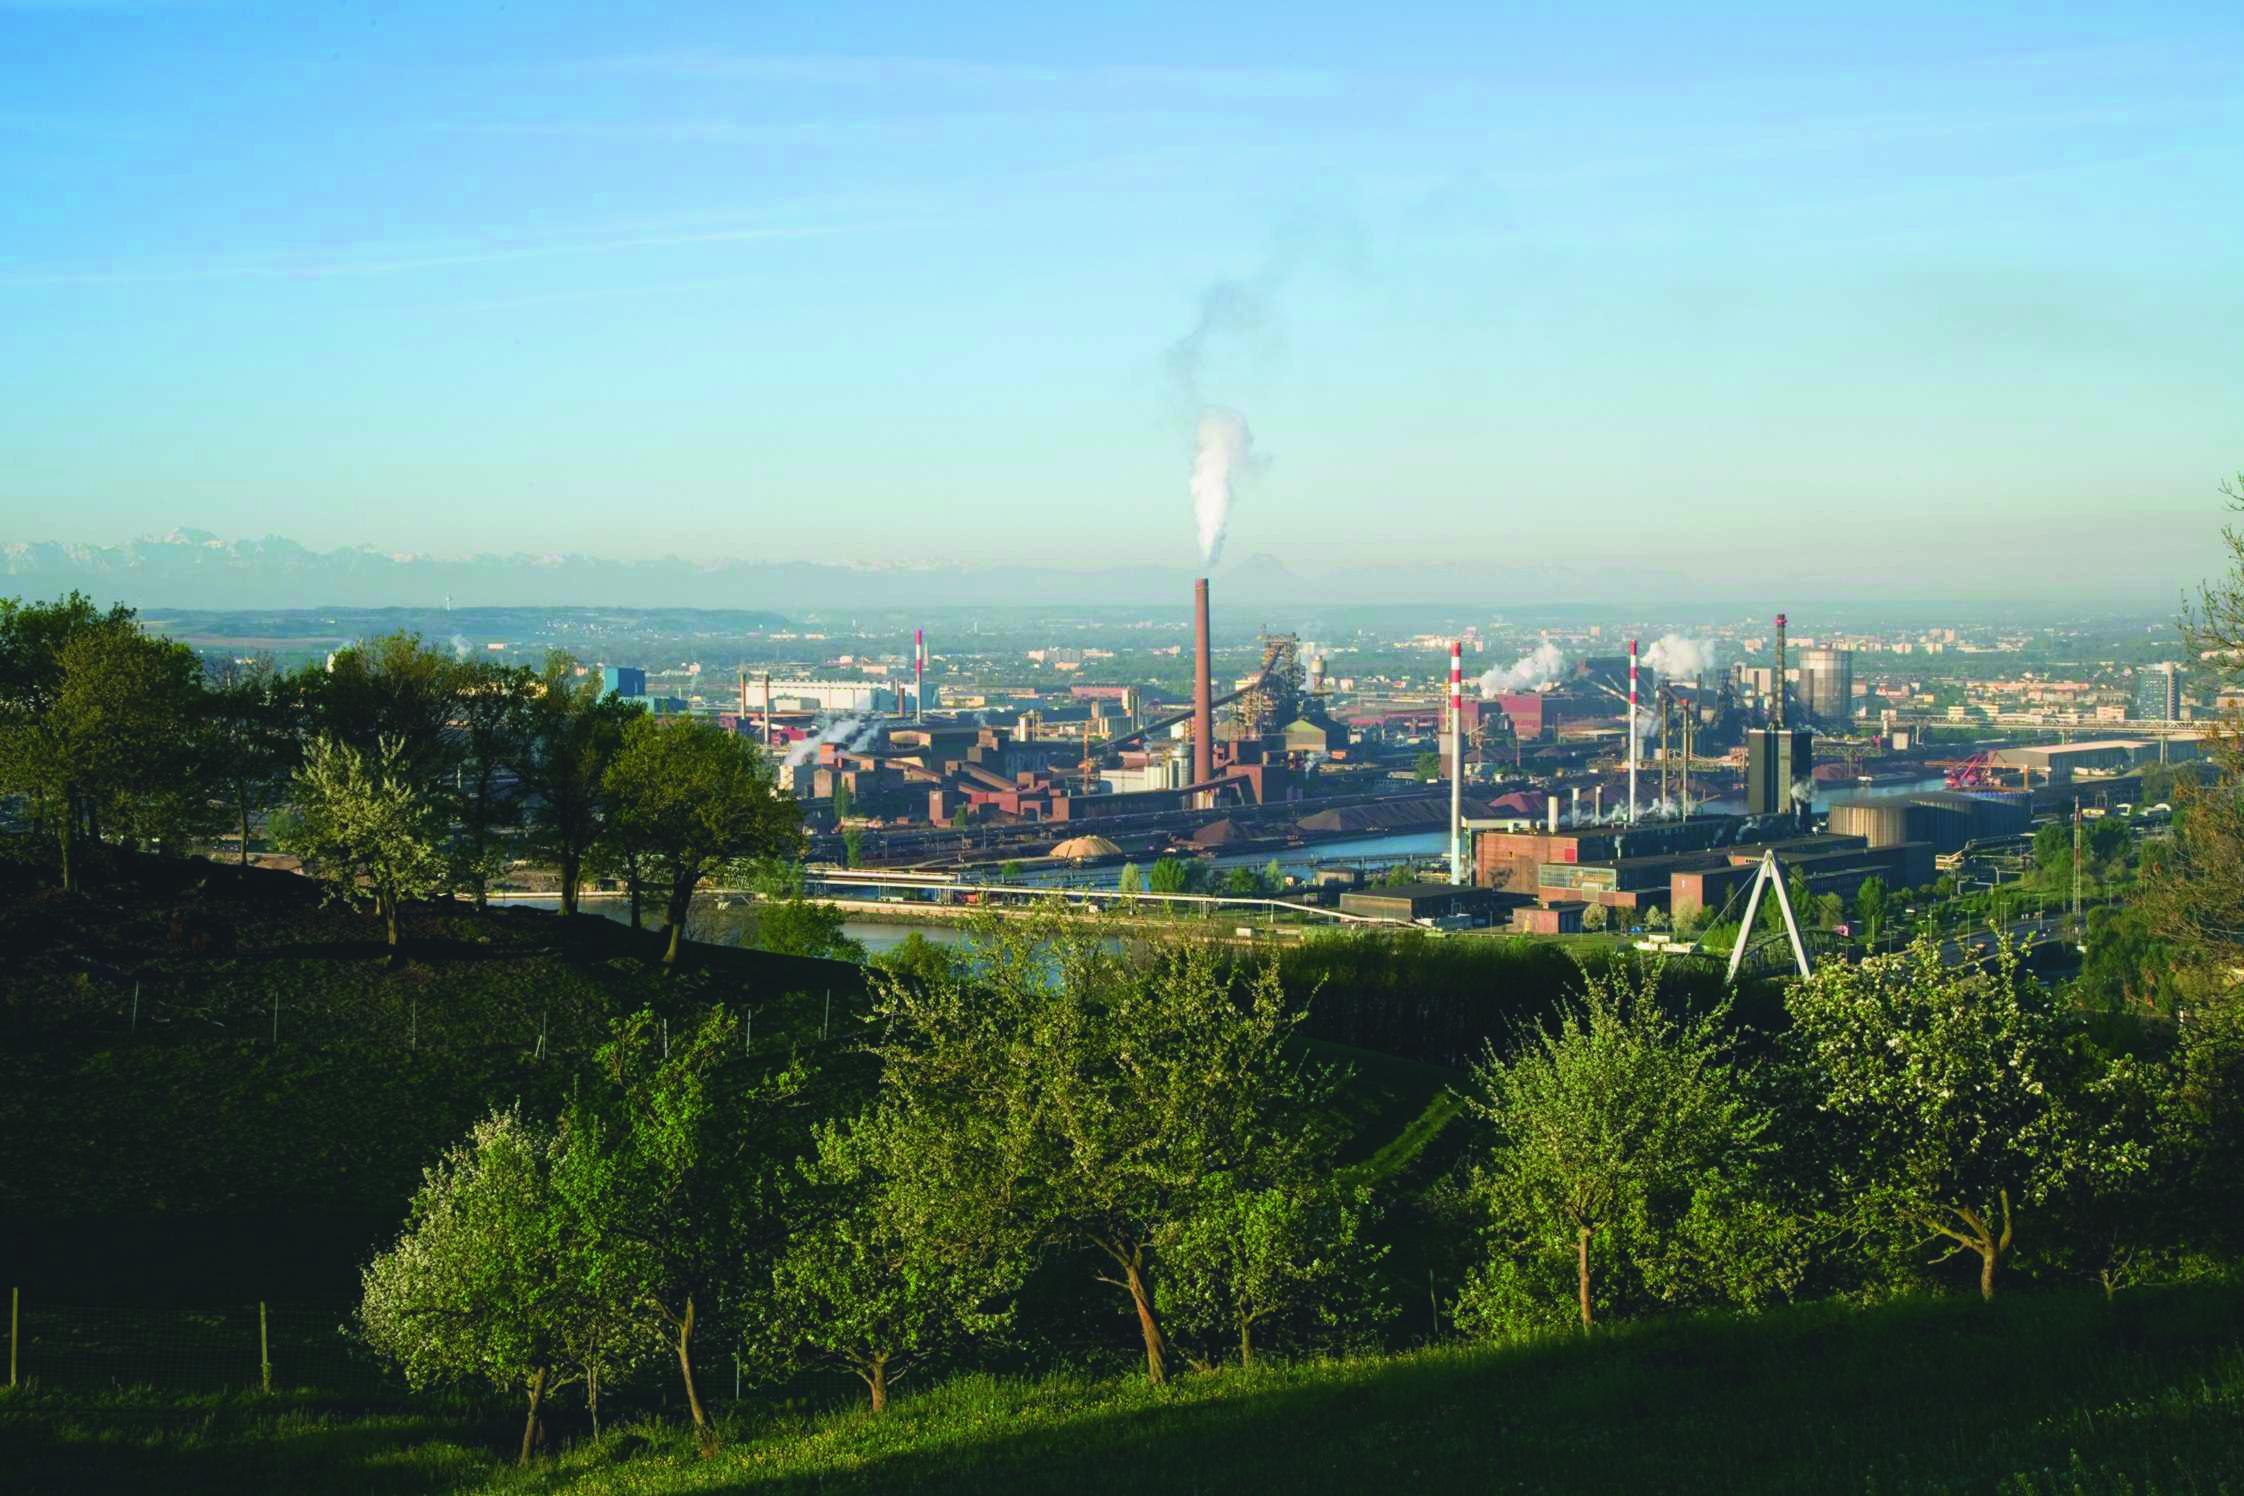 Idrogeno e acciaio, futuro energetico e industriale in Austria vanno a braccetto